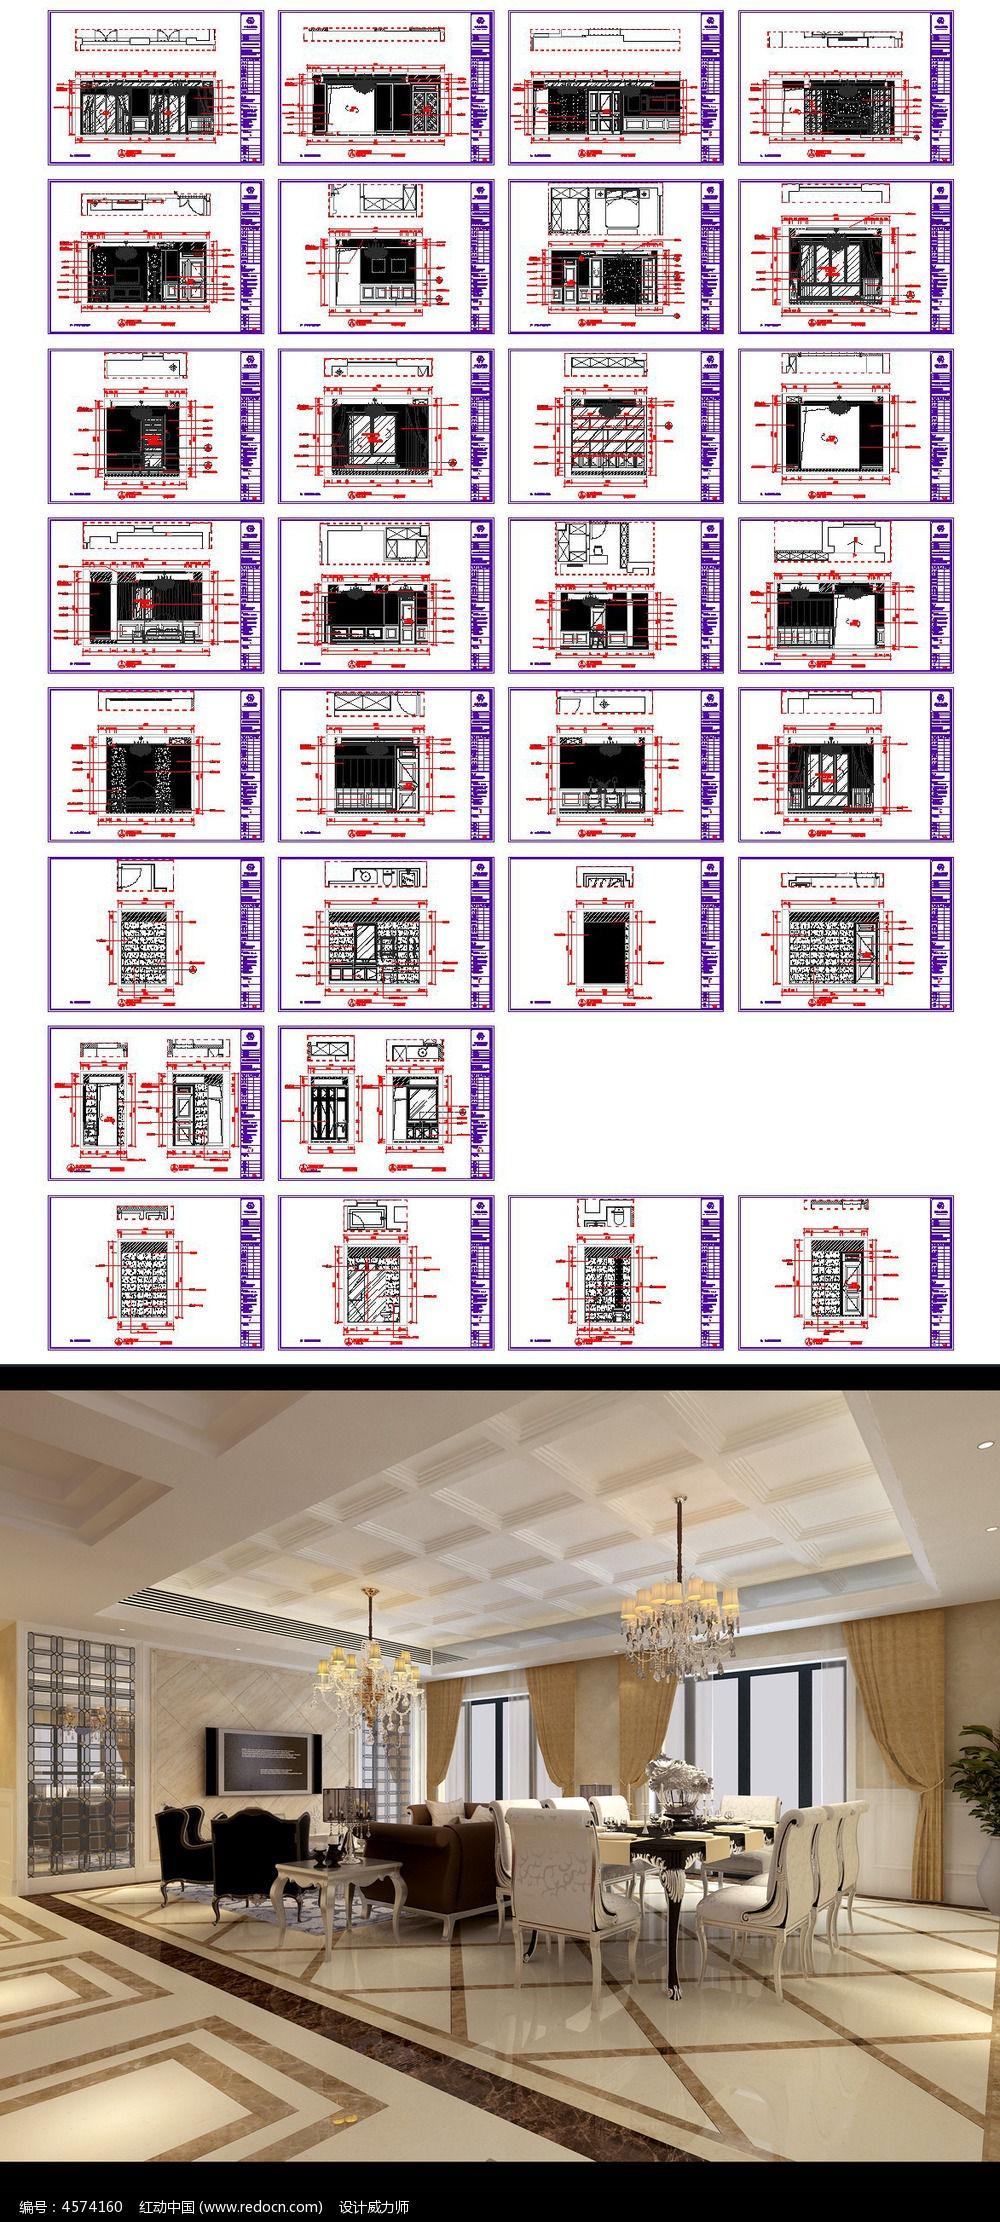 样板间 住宅 水电 线路 大户型 厨房 卫生间 卧室 室内装修 装潢 平顶面